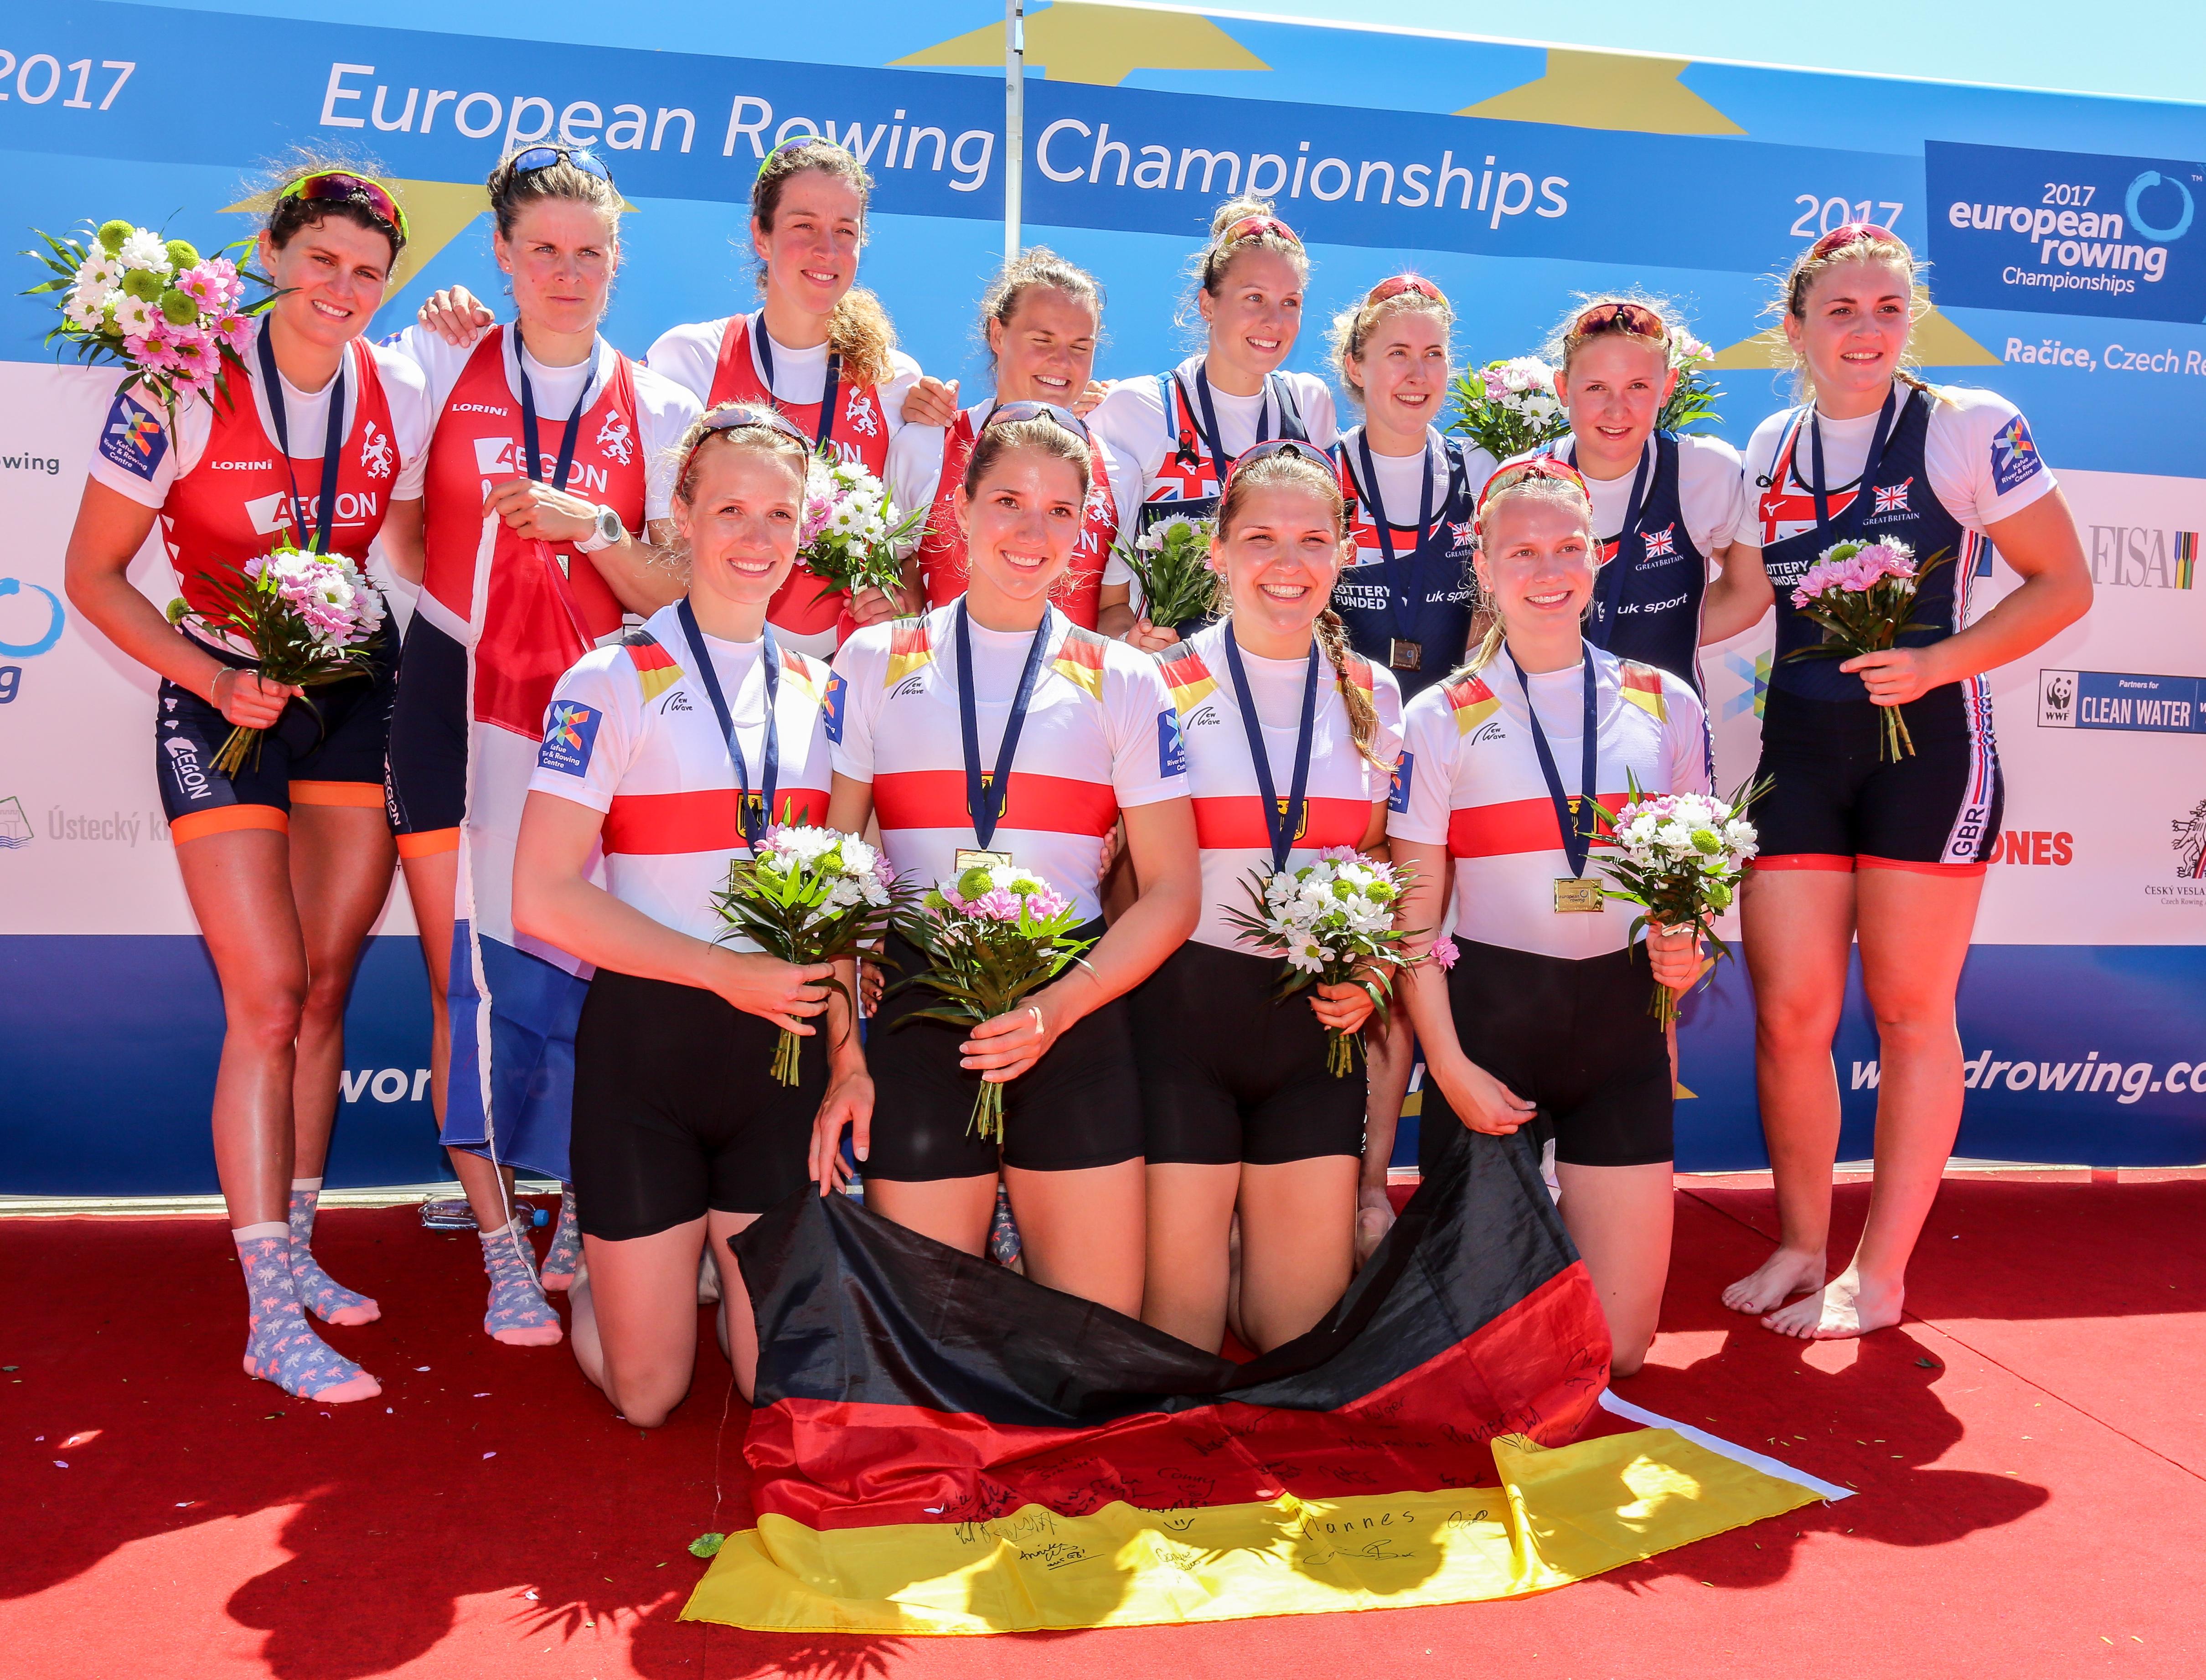 Frauen-Doppelvierer, Europameisterschaften 2017, Racice, Tschechien